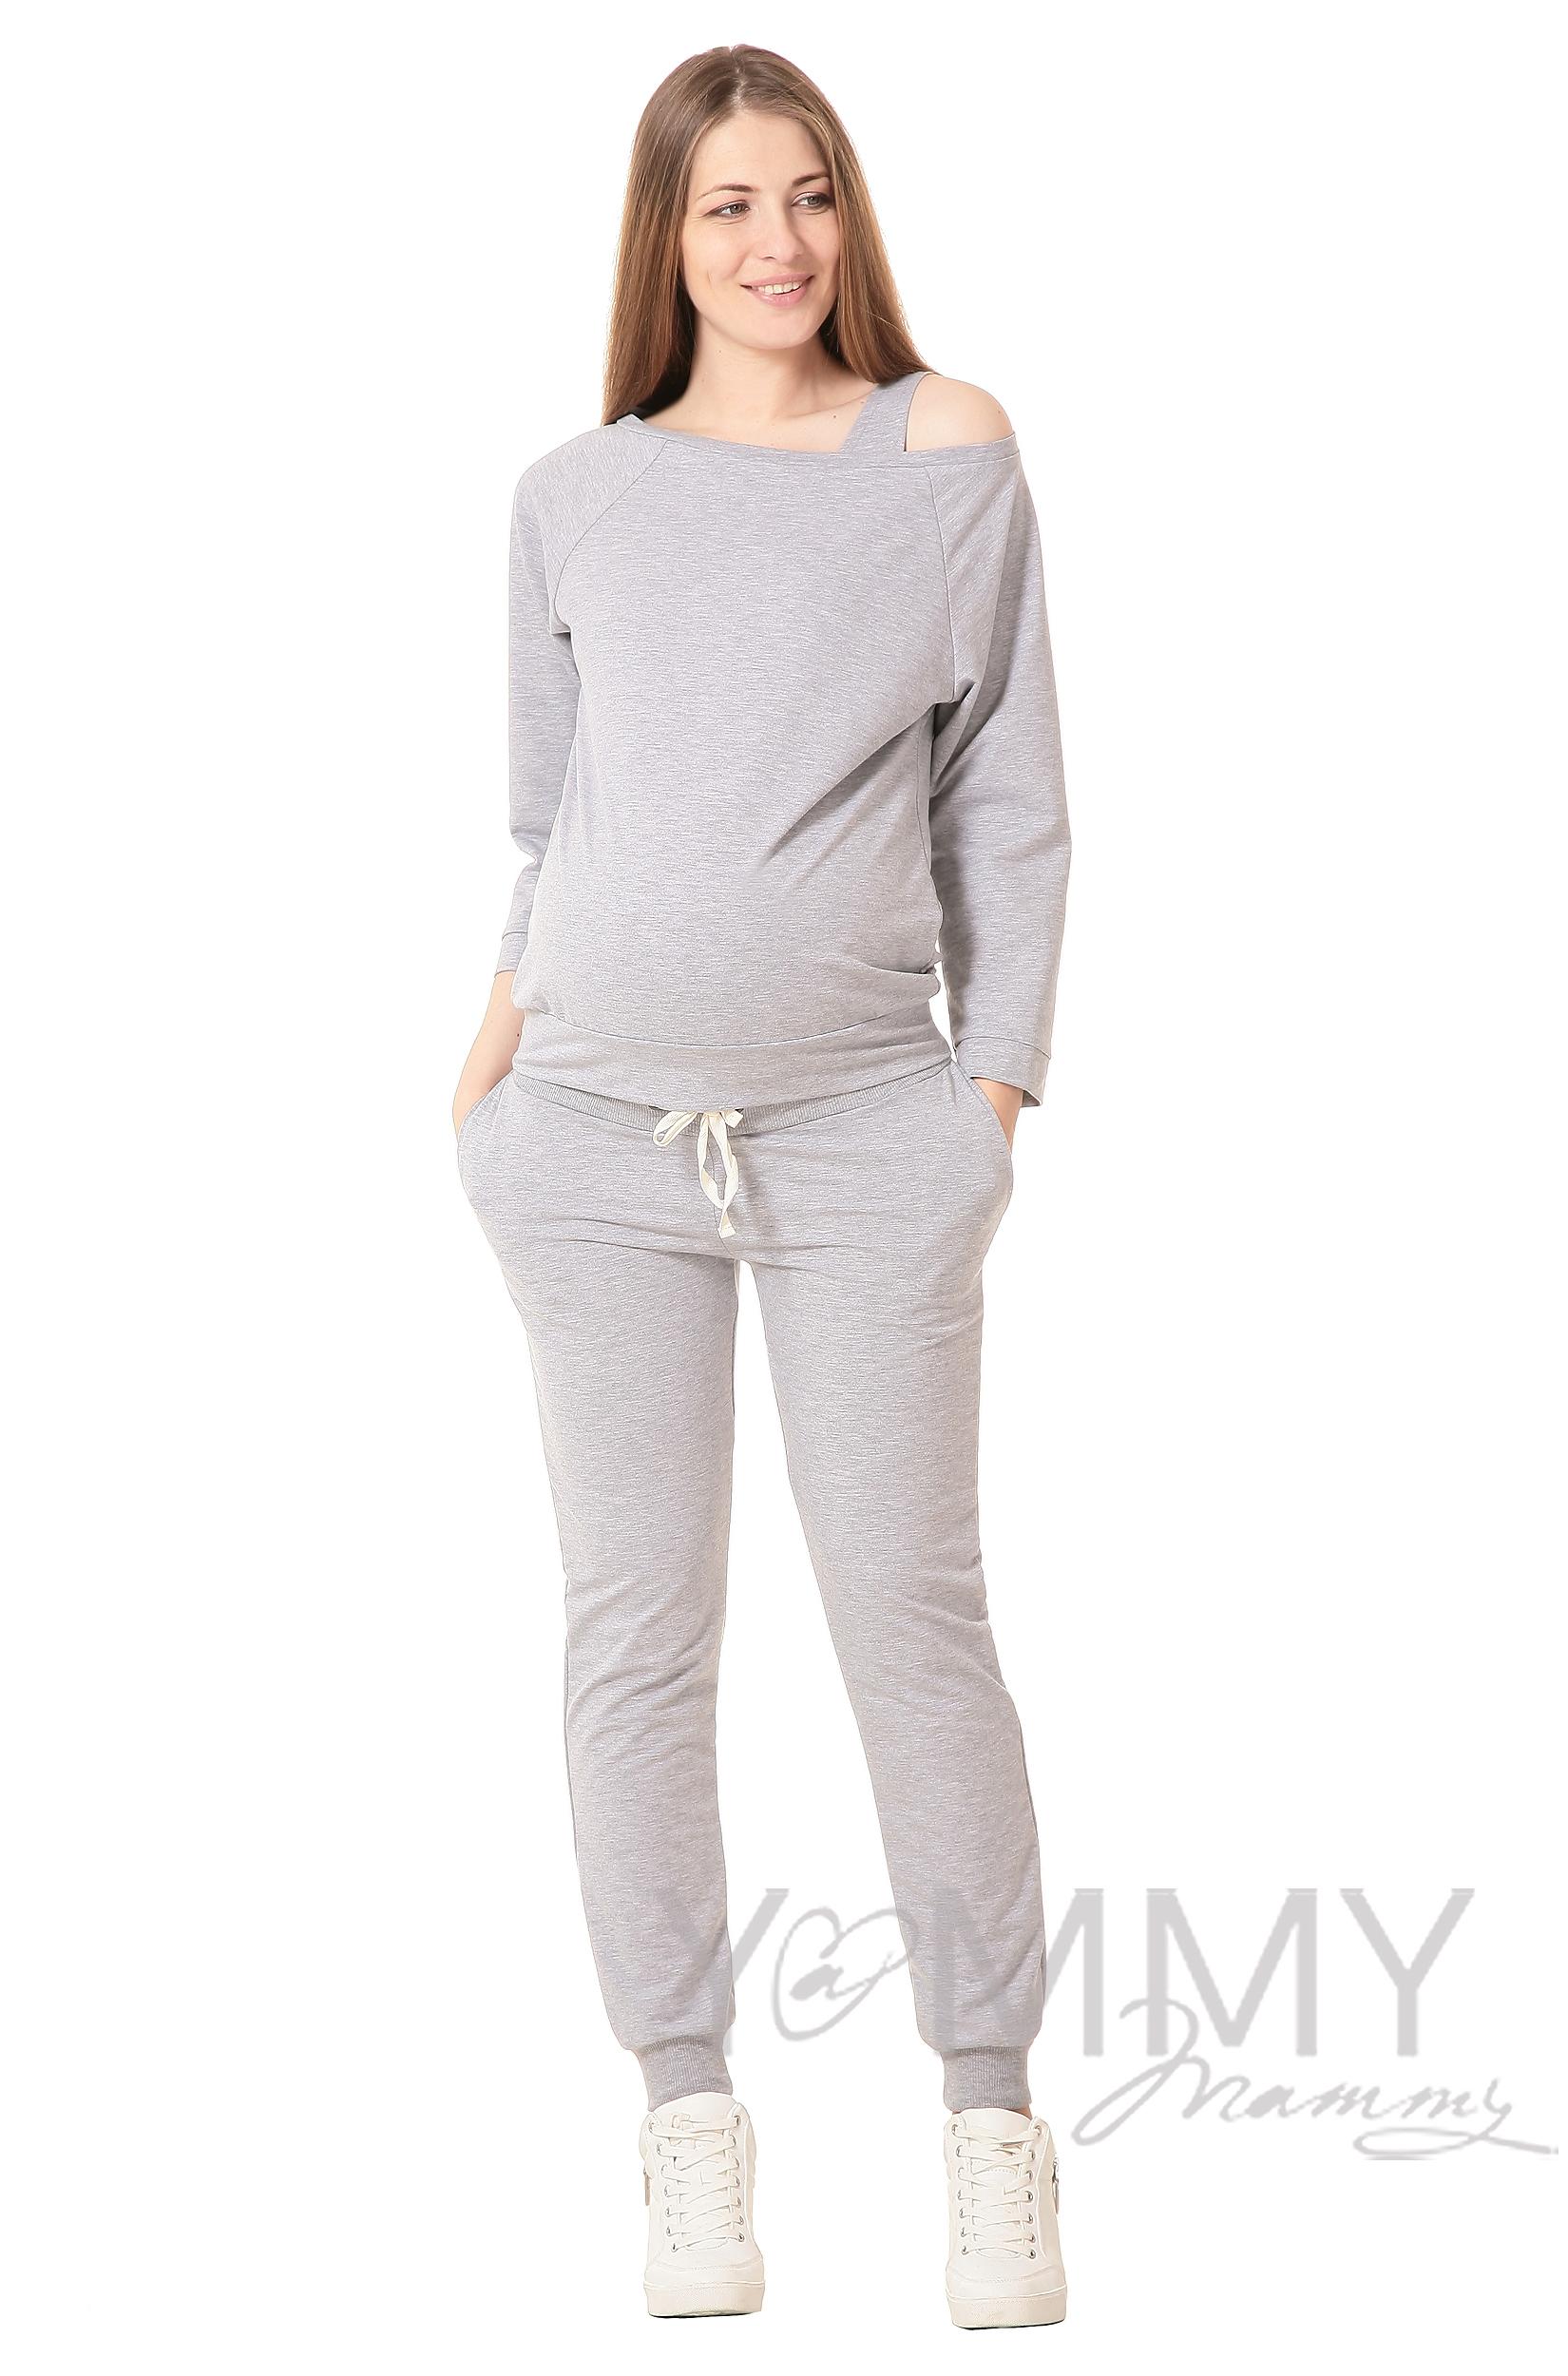 Брюки для родивших и беременных универсальные, спортивные из футера серый меланж